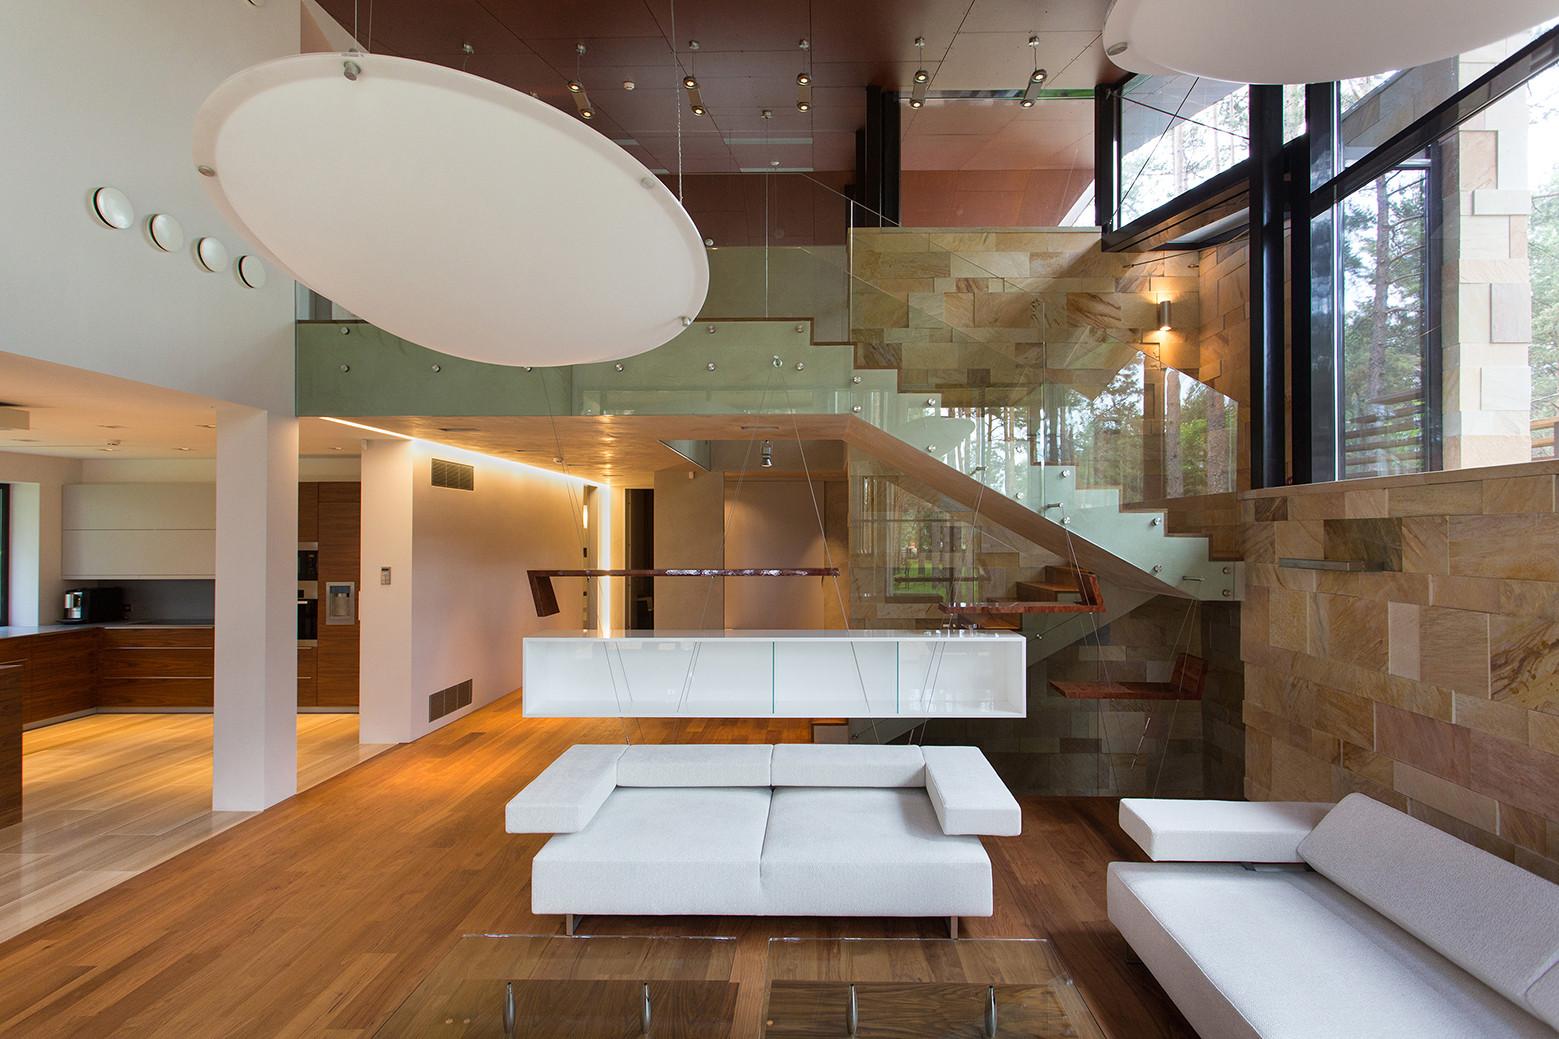 Gallery of fl gel haus arch d 3 - Interiorismo y decoracion moderna ...